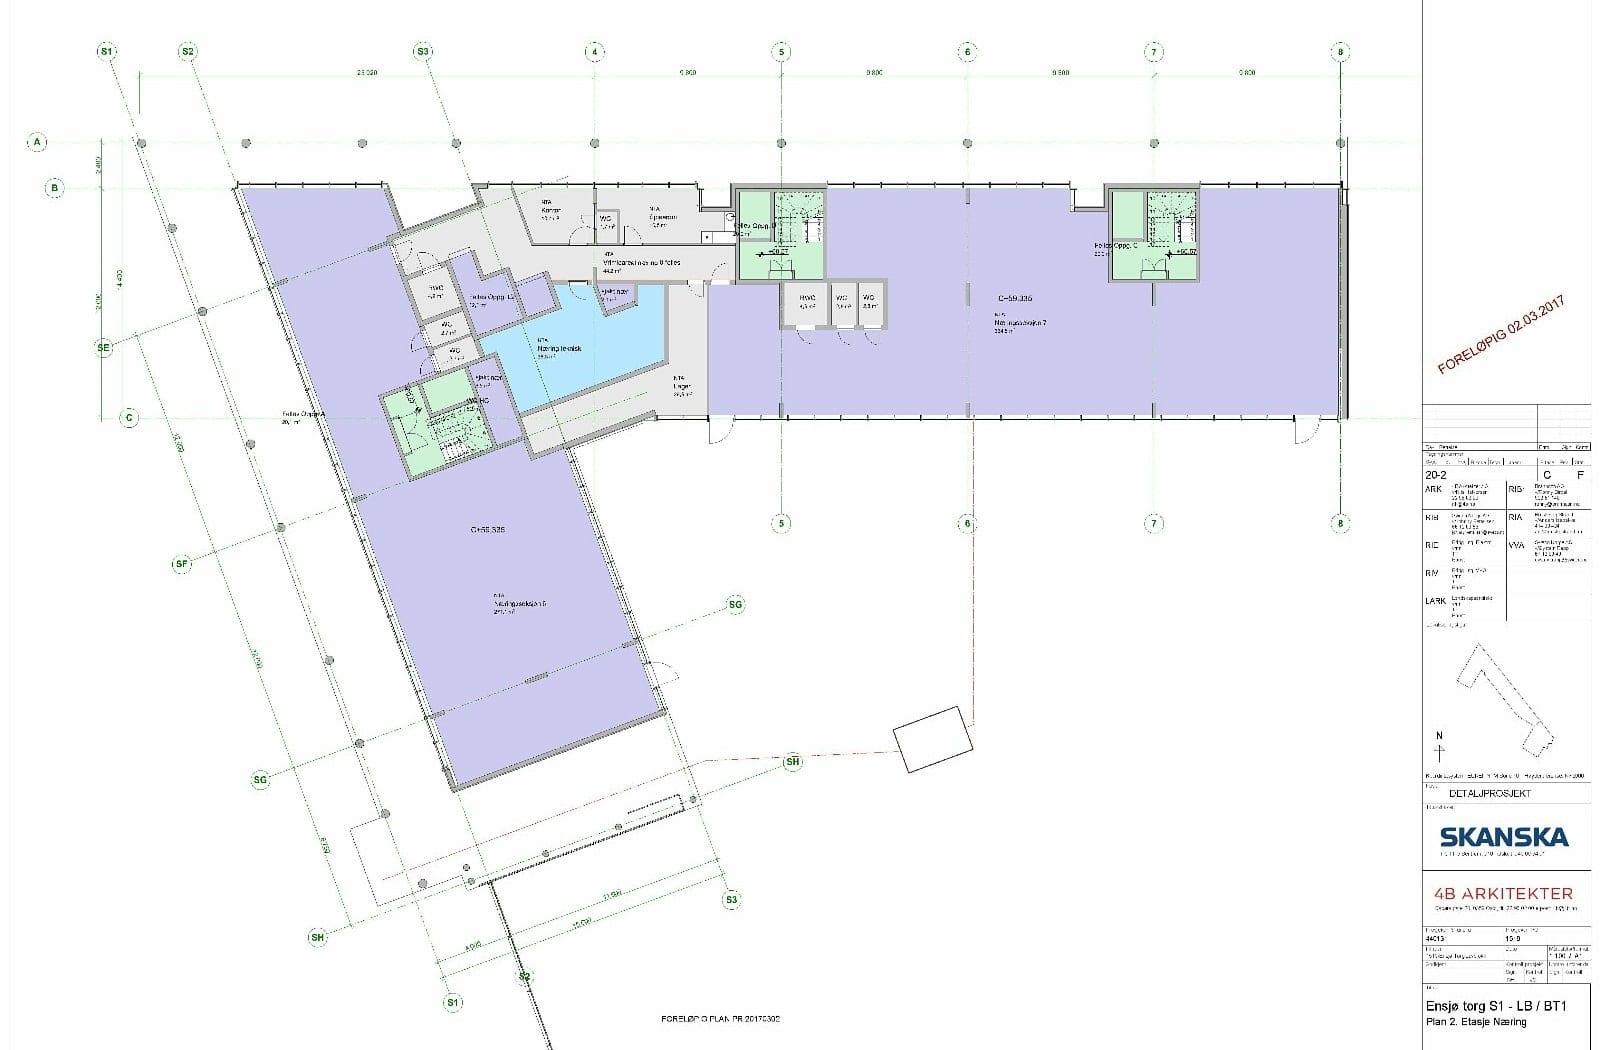 Det er 2 ledige lokaler som kan leies separat eller samlet.